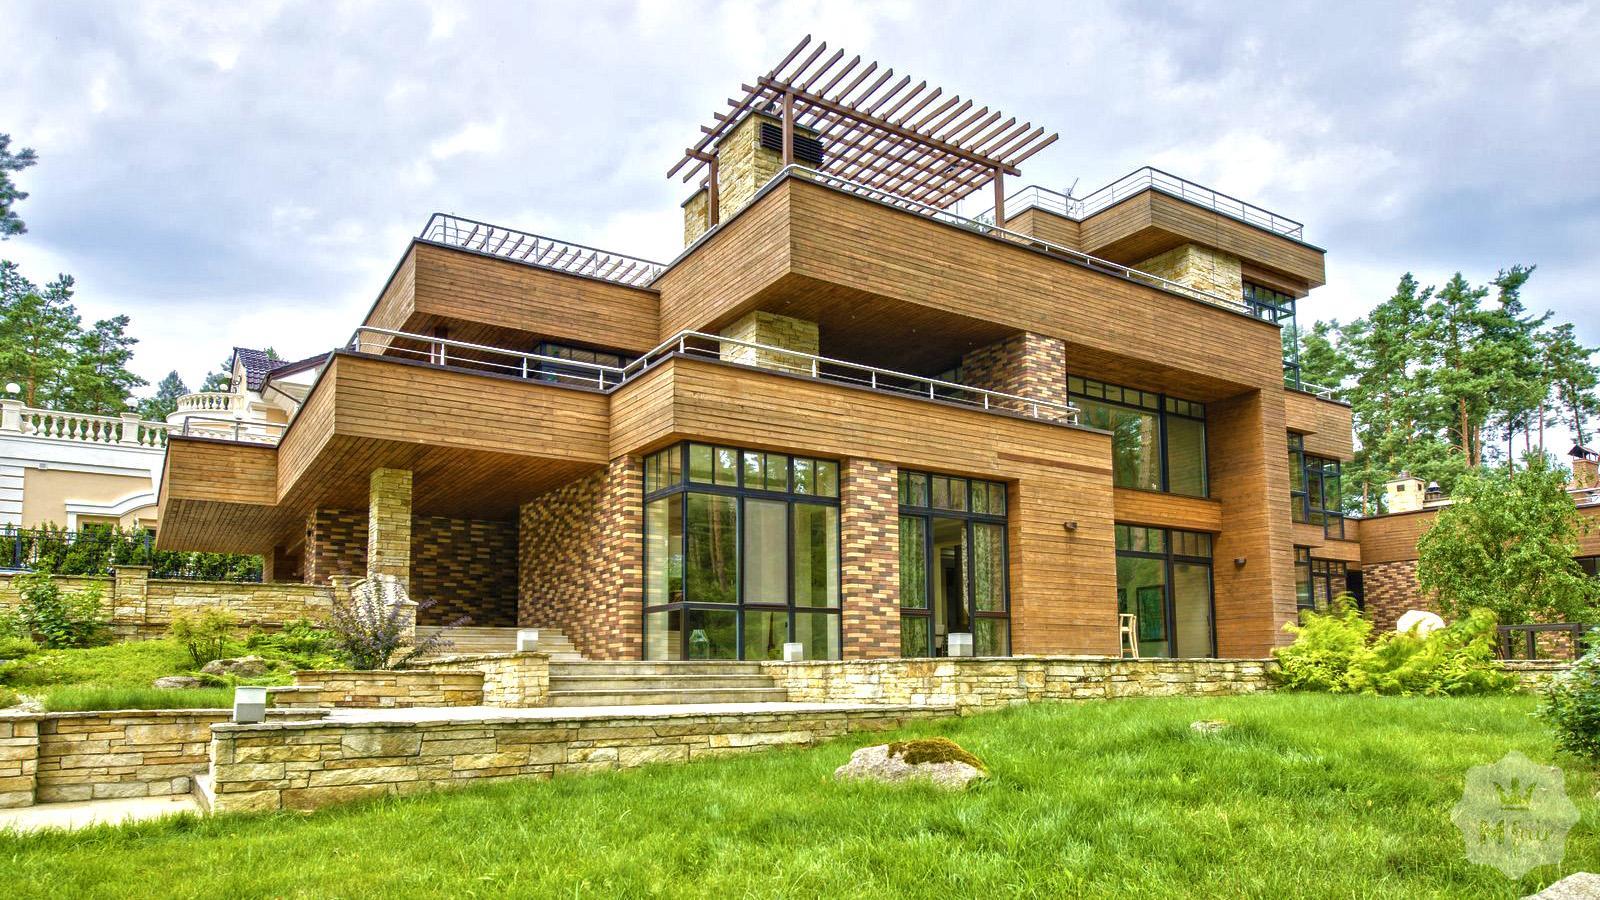 Покупка готового дома или постройка собственного?